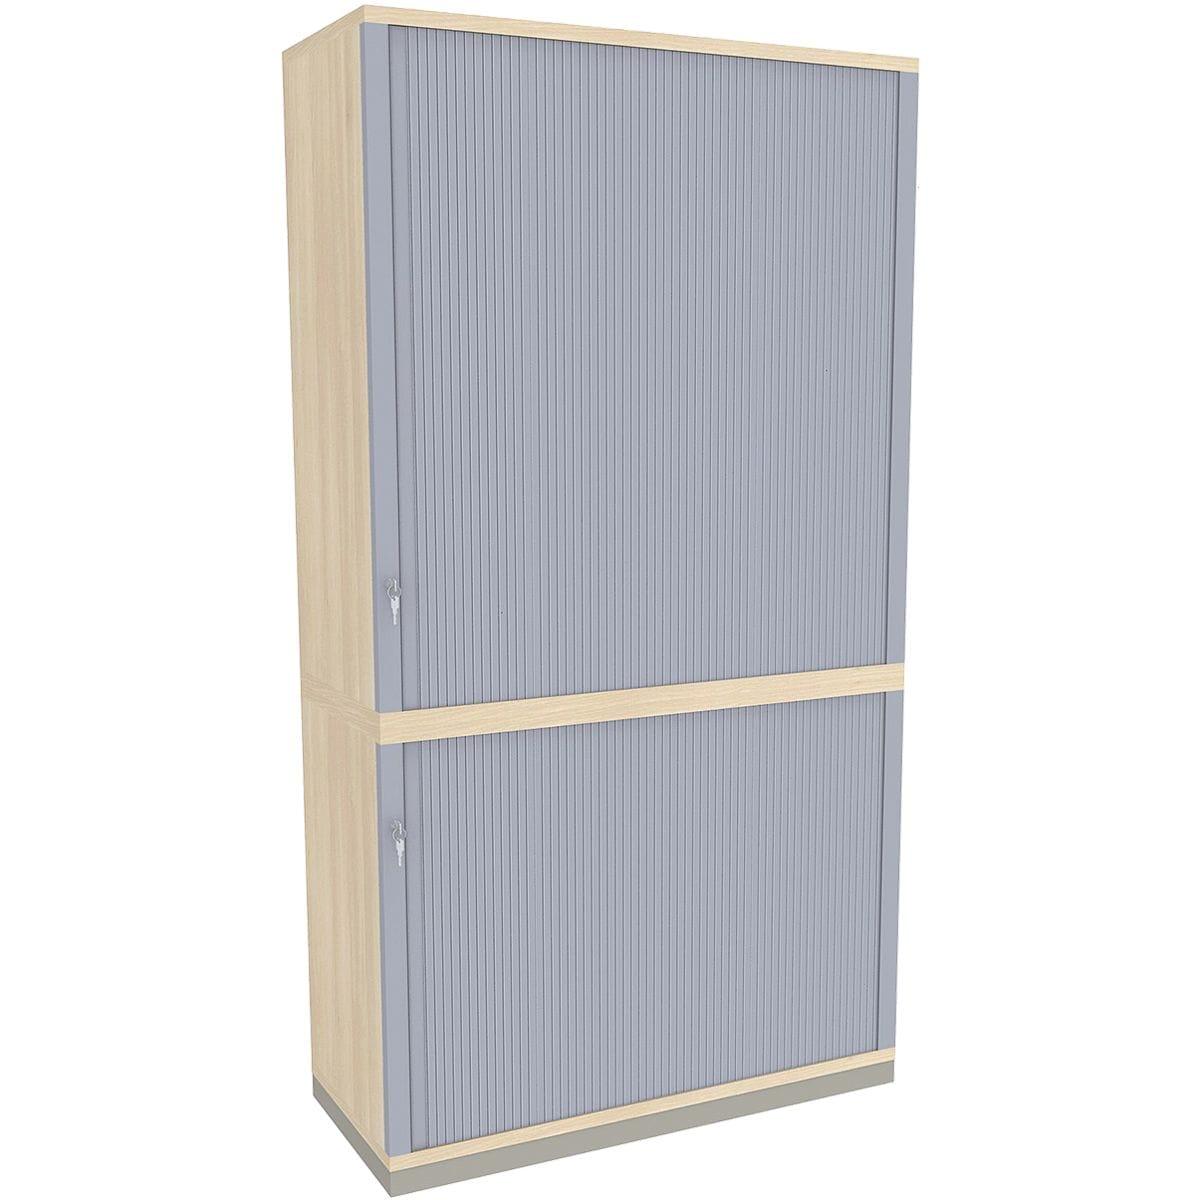 fm b rom bel querrollladenschrank sidney 2 3 oh 100 cm bei otto office g nstig kaufen. Black Bedroom Furniture Sets. Home Design Ideas